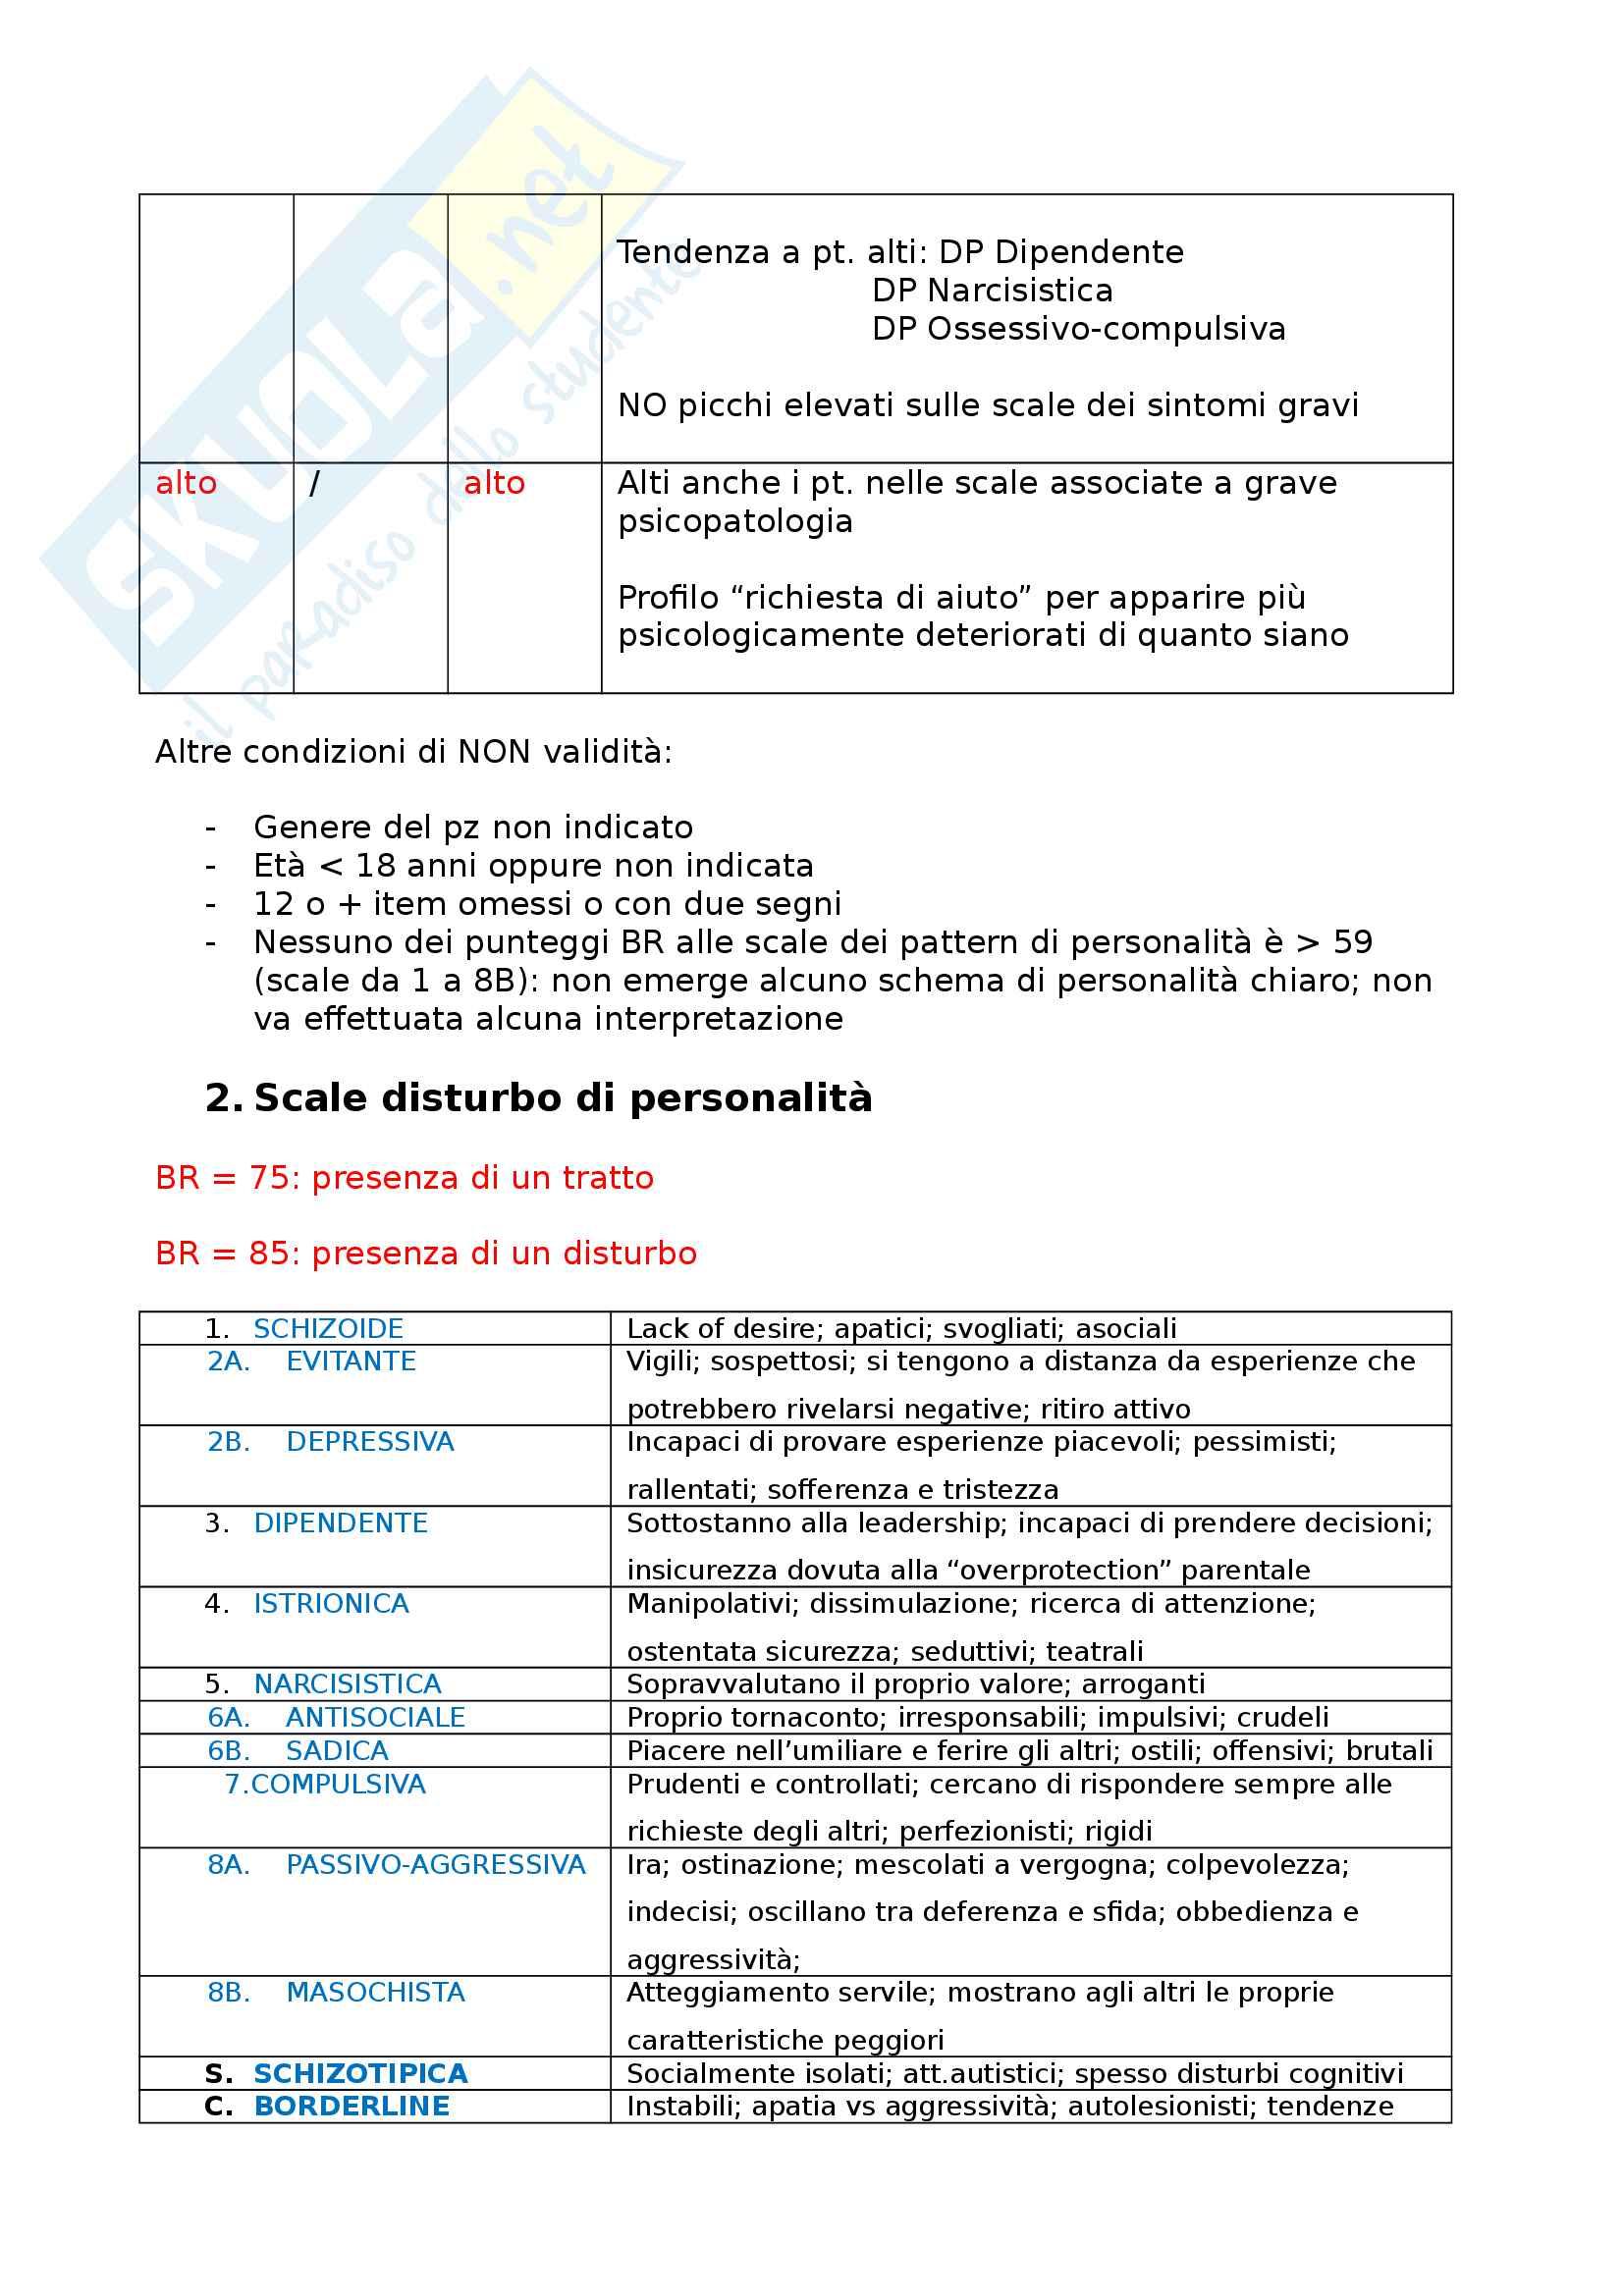 Psicodiagnostica clinica - schema CBA 2.0 e MCMI-III: stesura del referto diagnostico Pag. 6